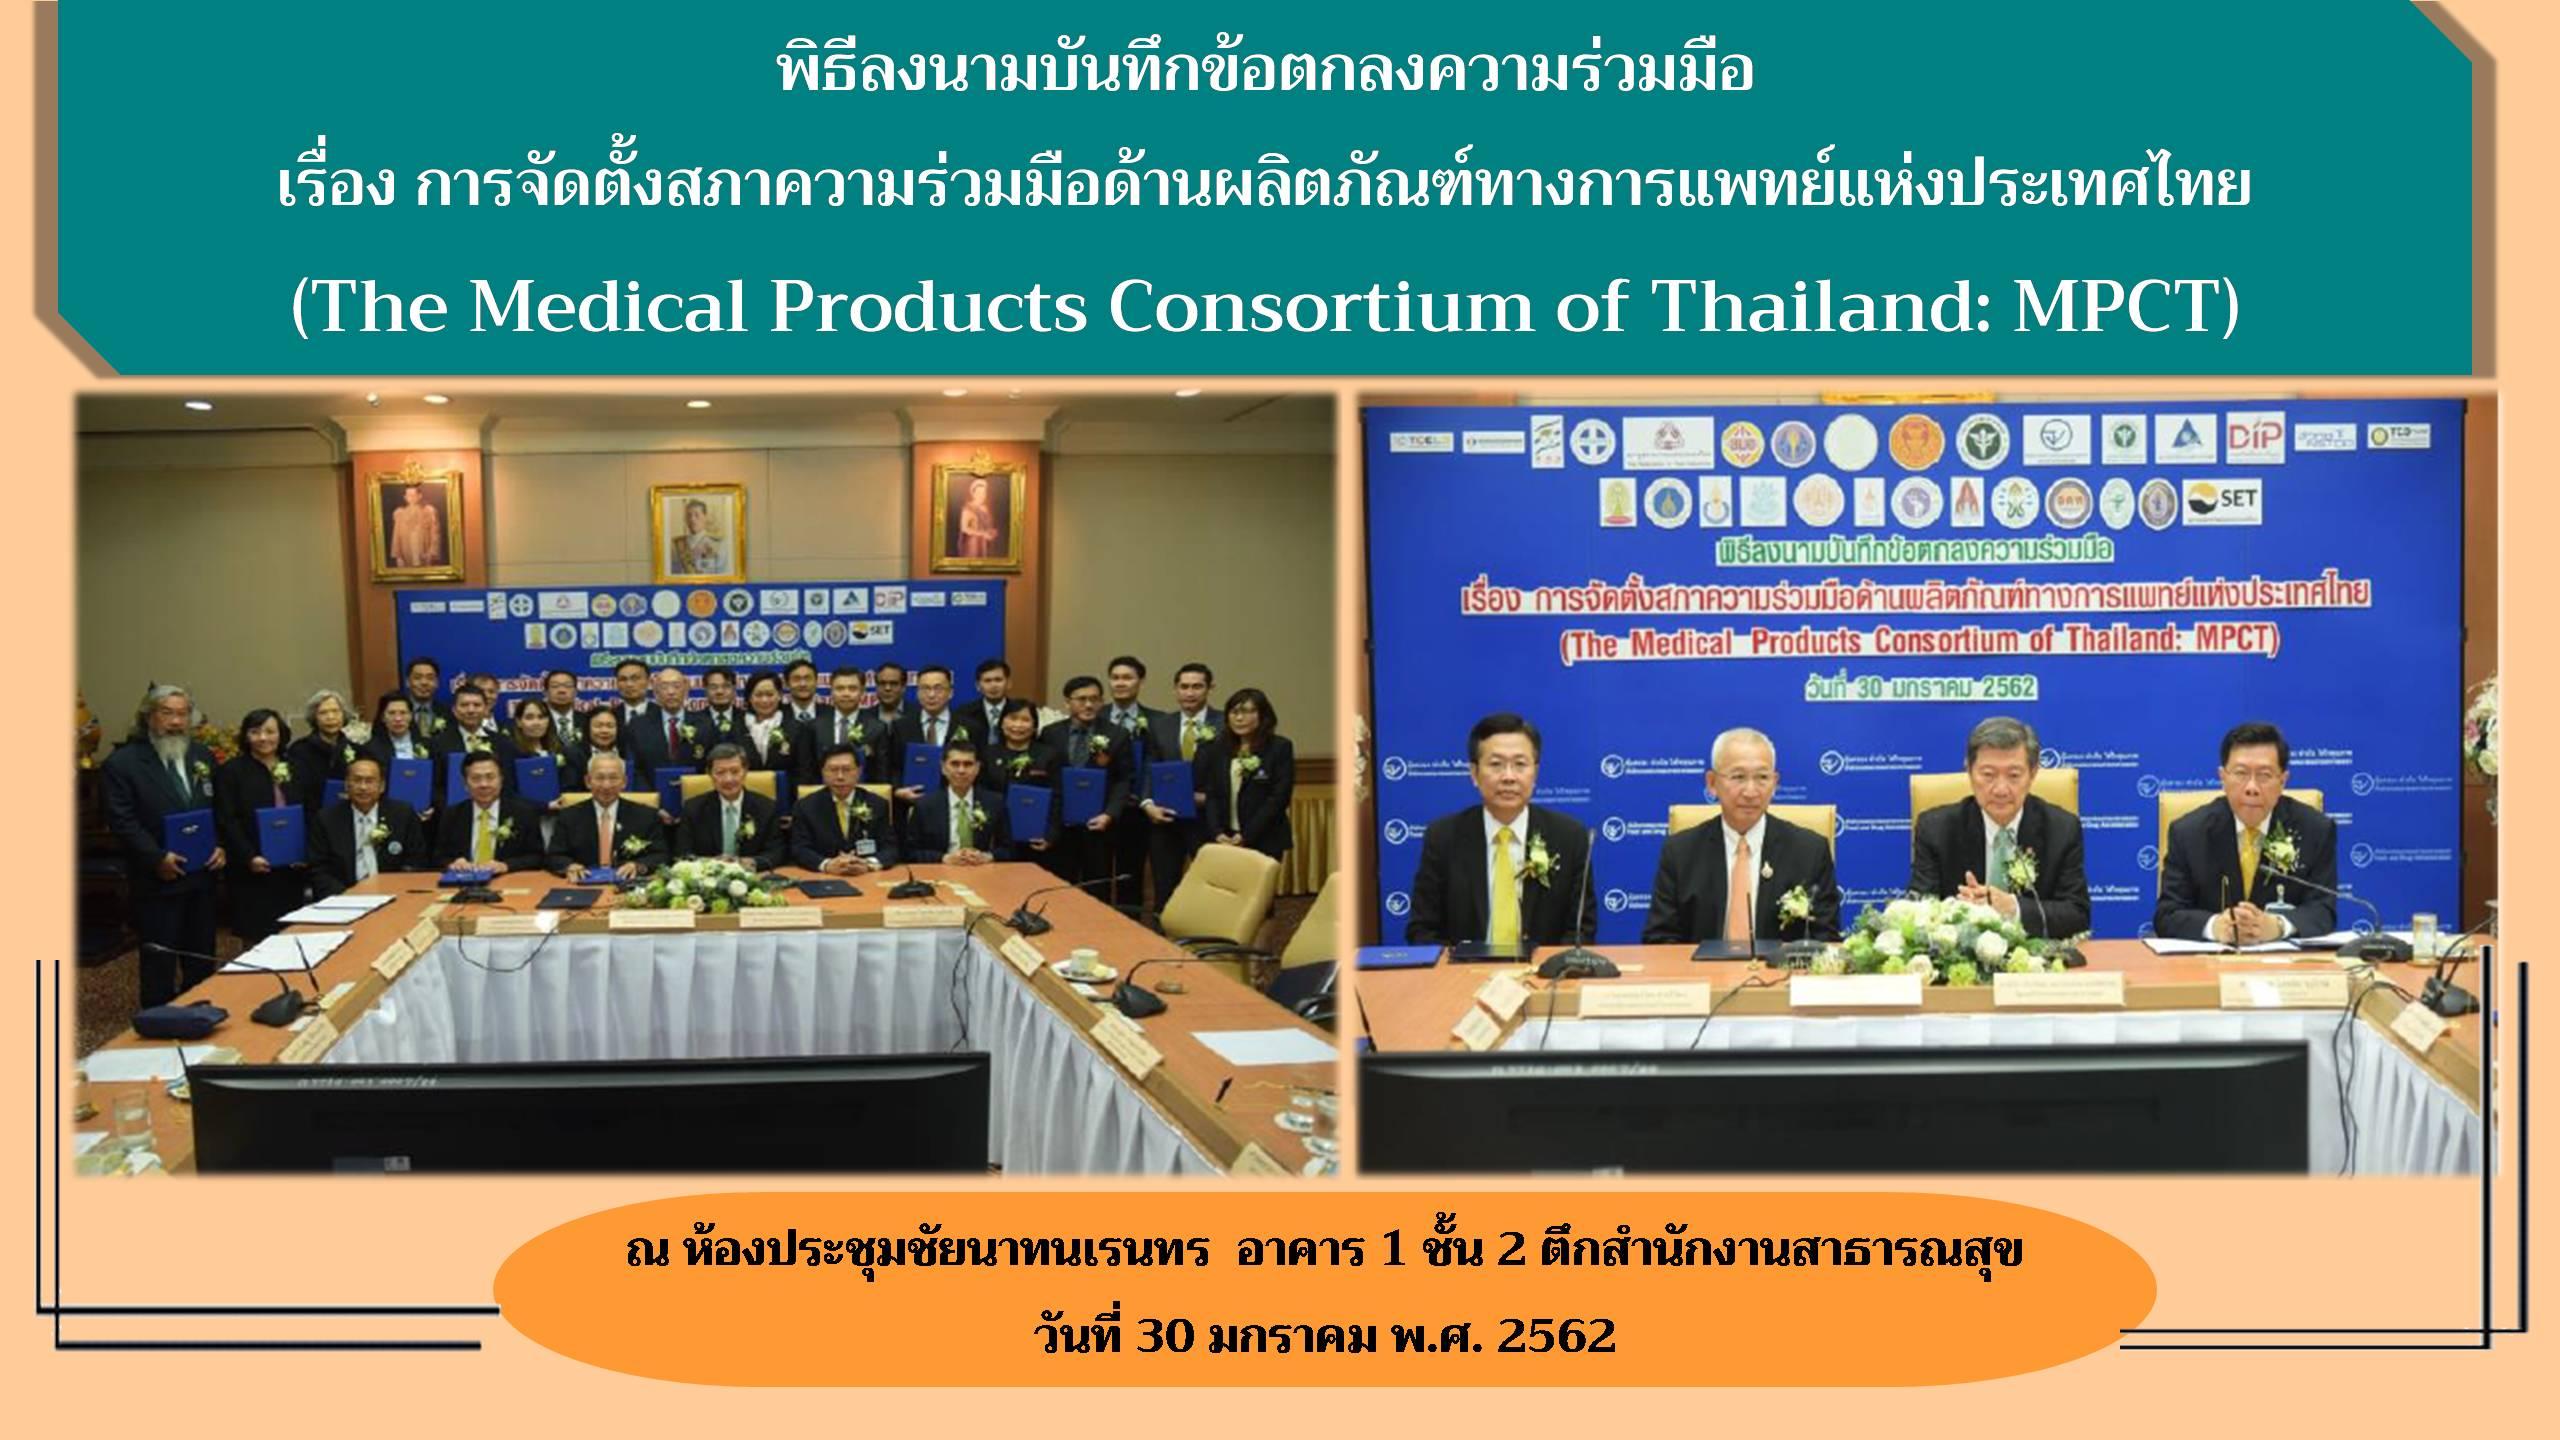 พิธีลงนามบันทึกข้อตกลงความร่วมมือ เรื่อง การจัดตั้งสภาความร่วมมือด้านผลิตภัณฑ์ทางการแพทย์แห่งประเทศไทย